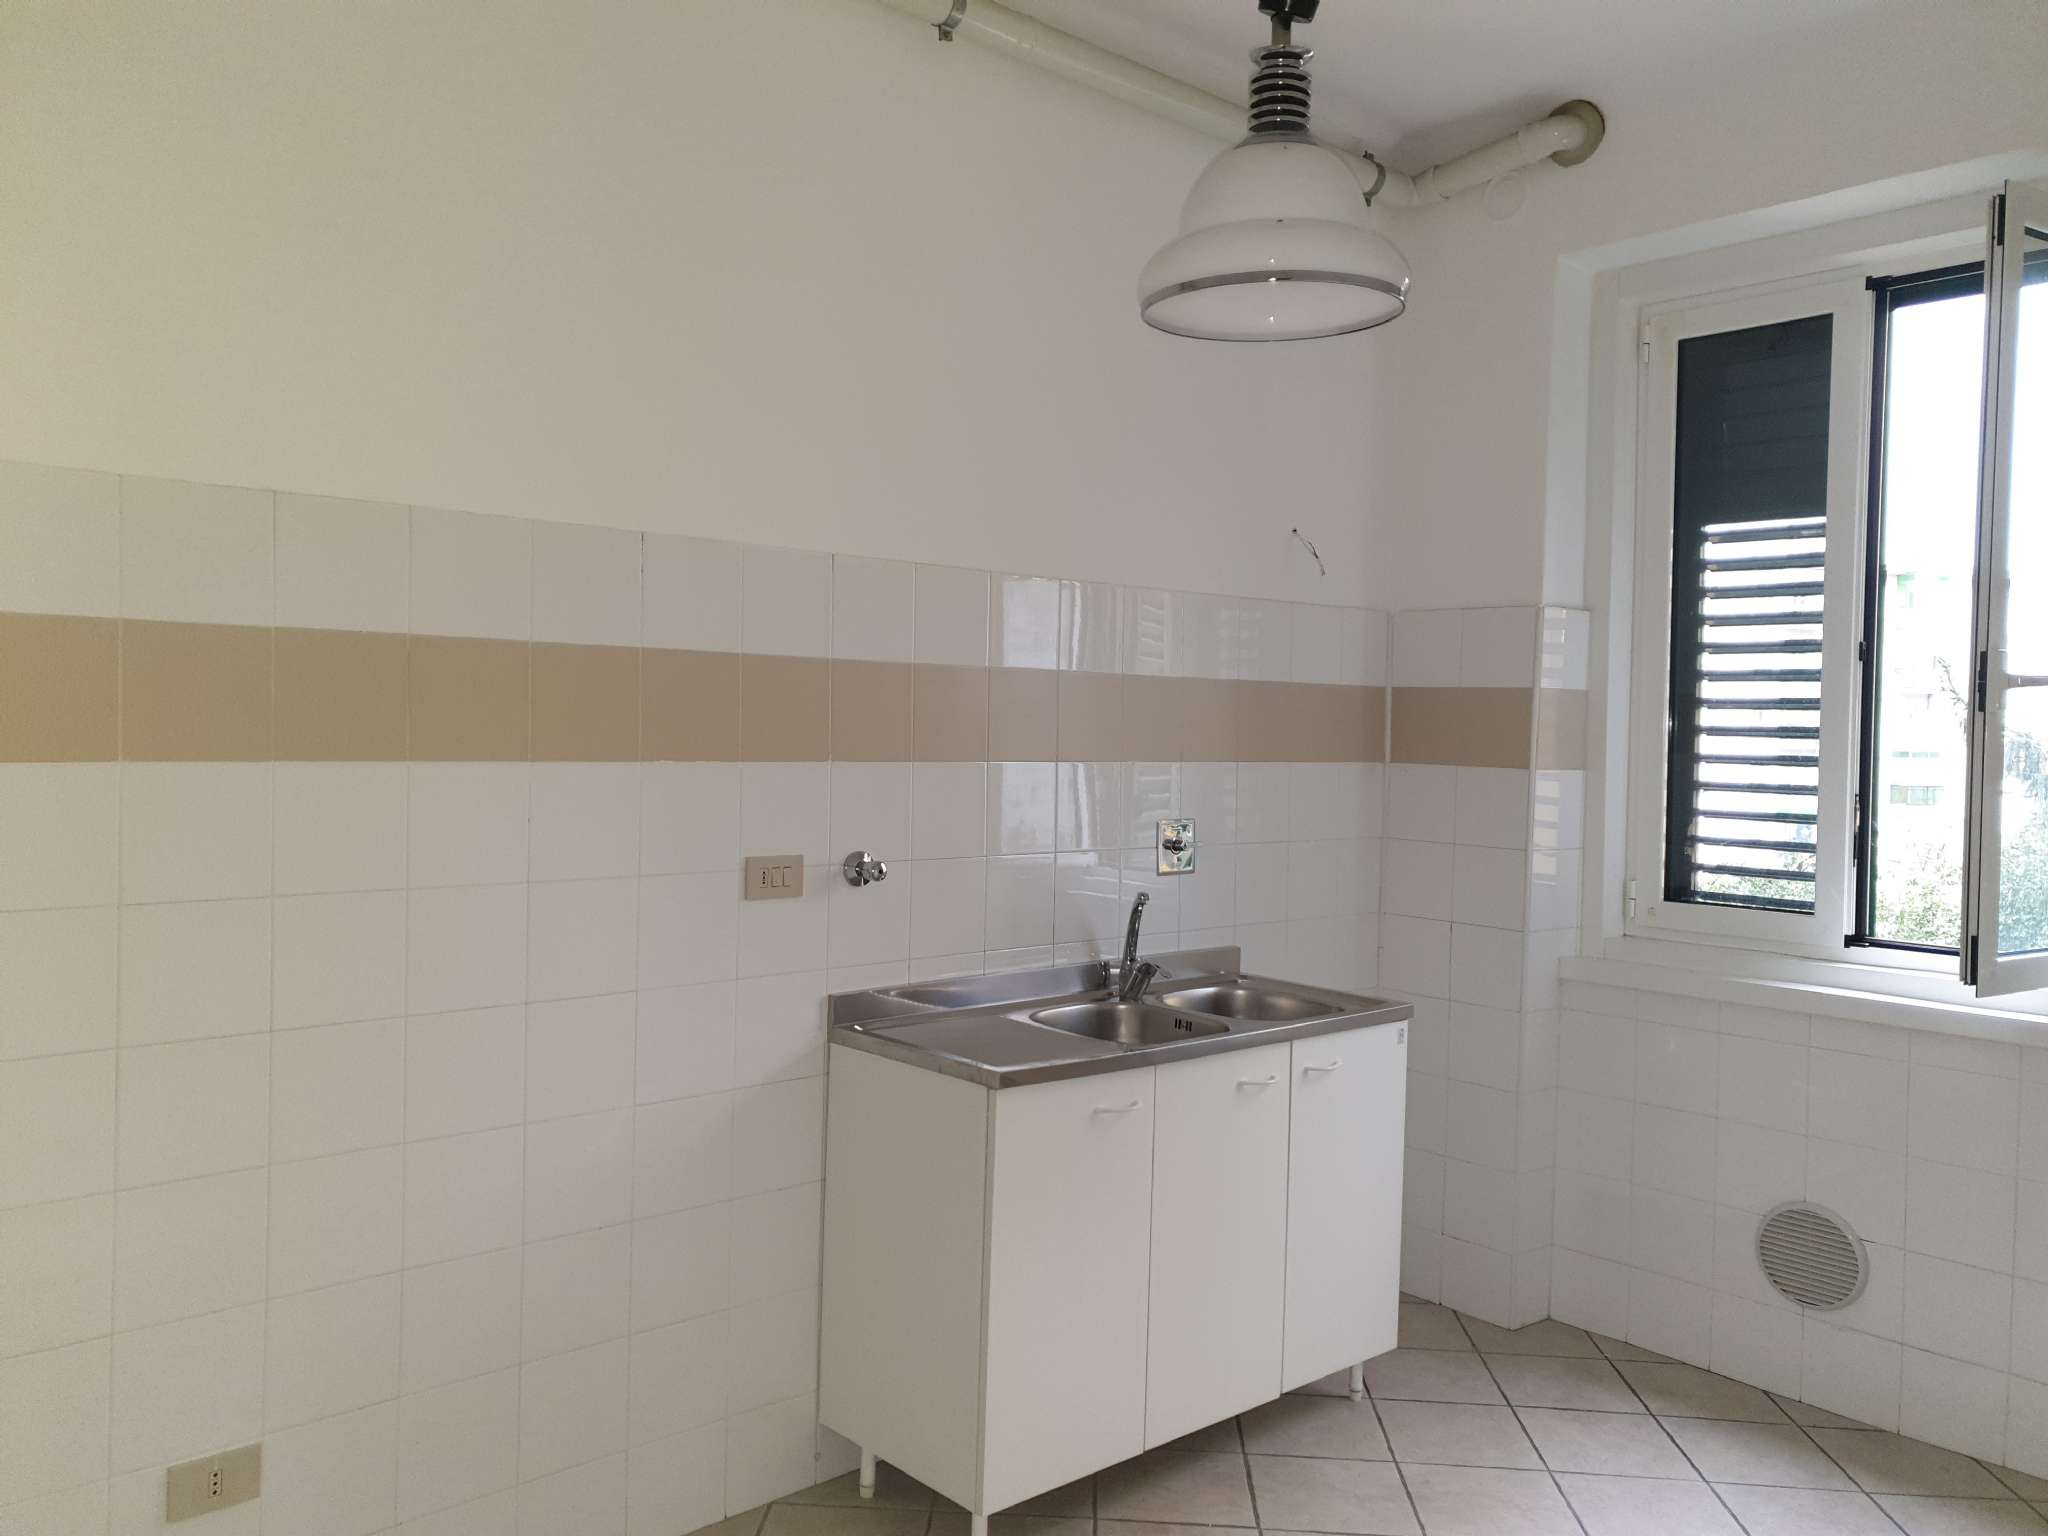 Appartamento in vendita a Trieste, 2 locali, prezzo € 78.500 | CambioCasa.it